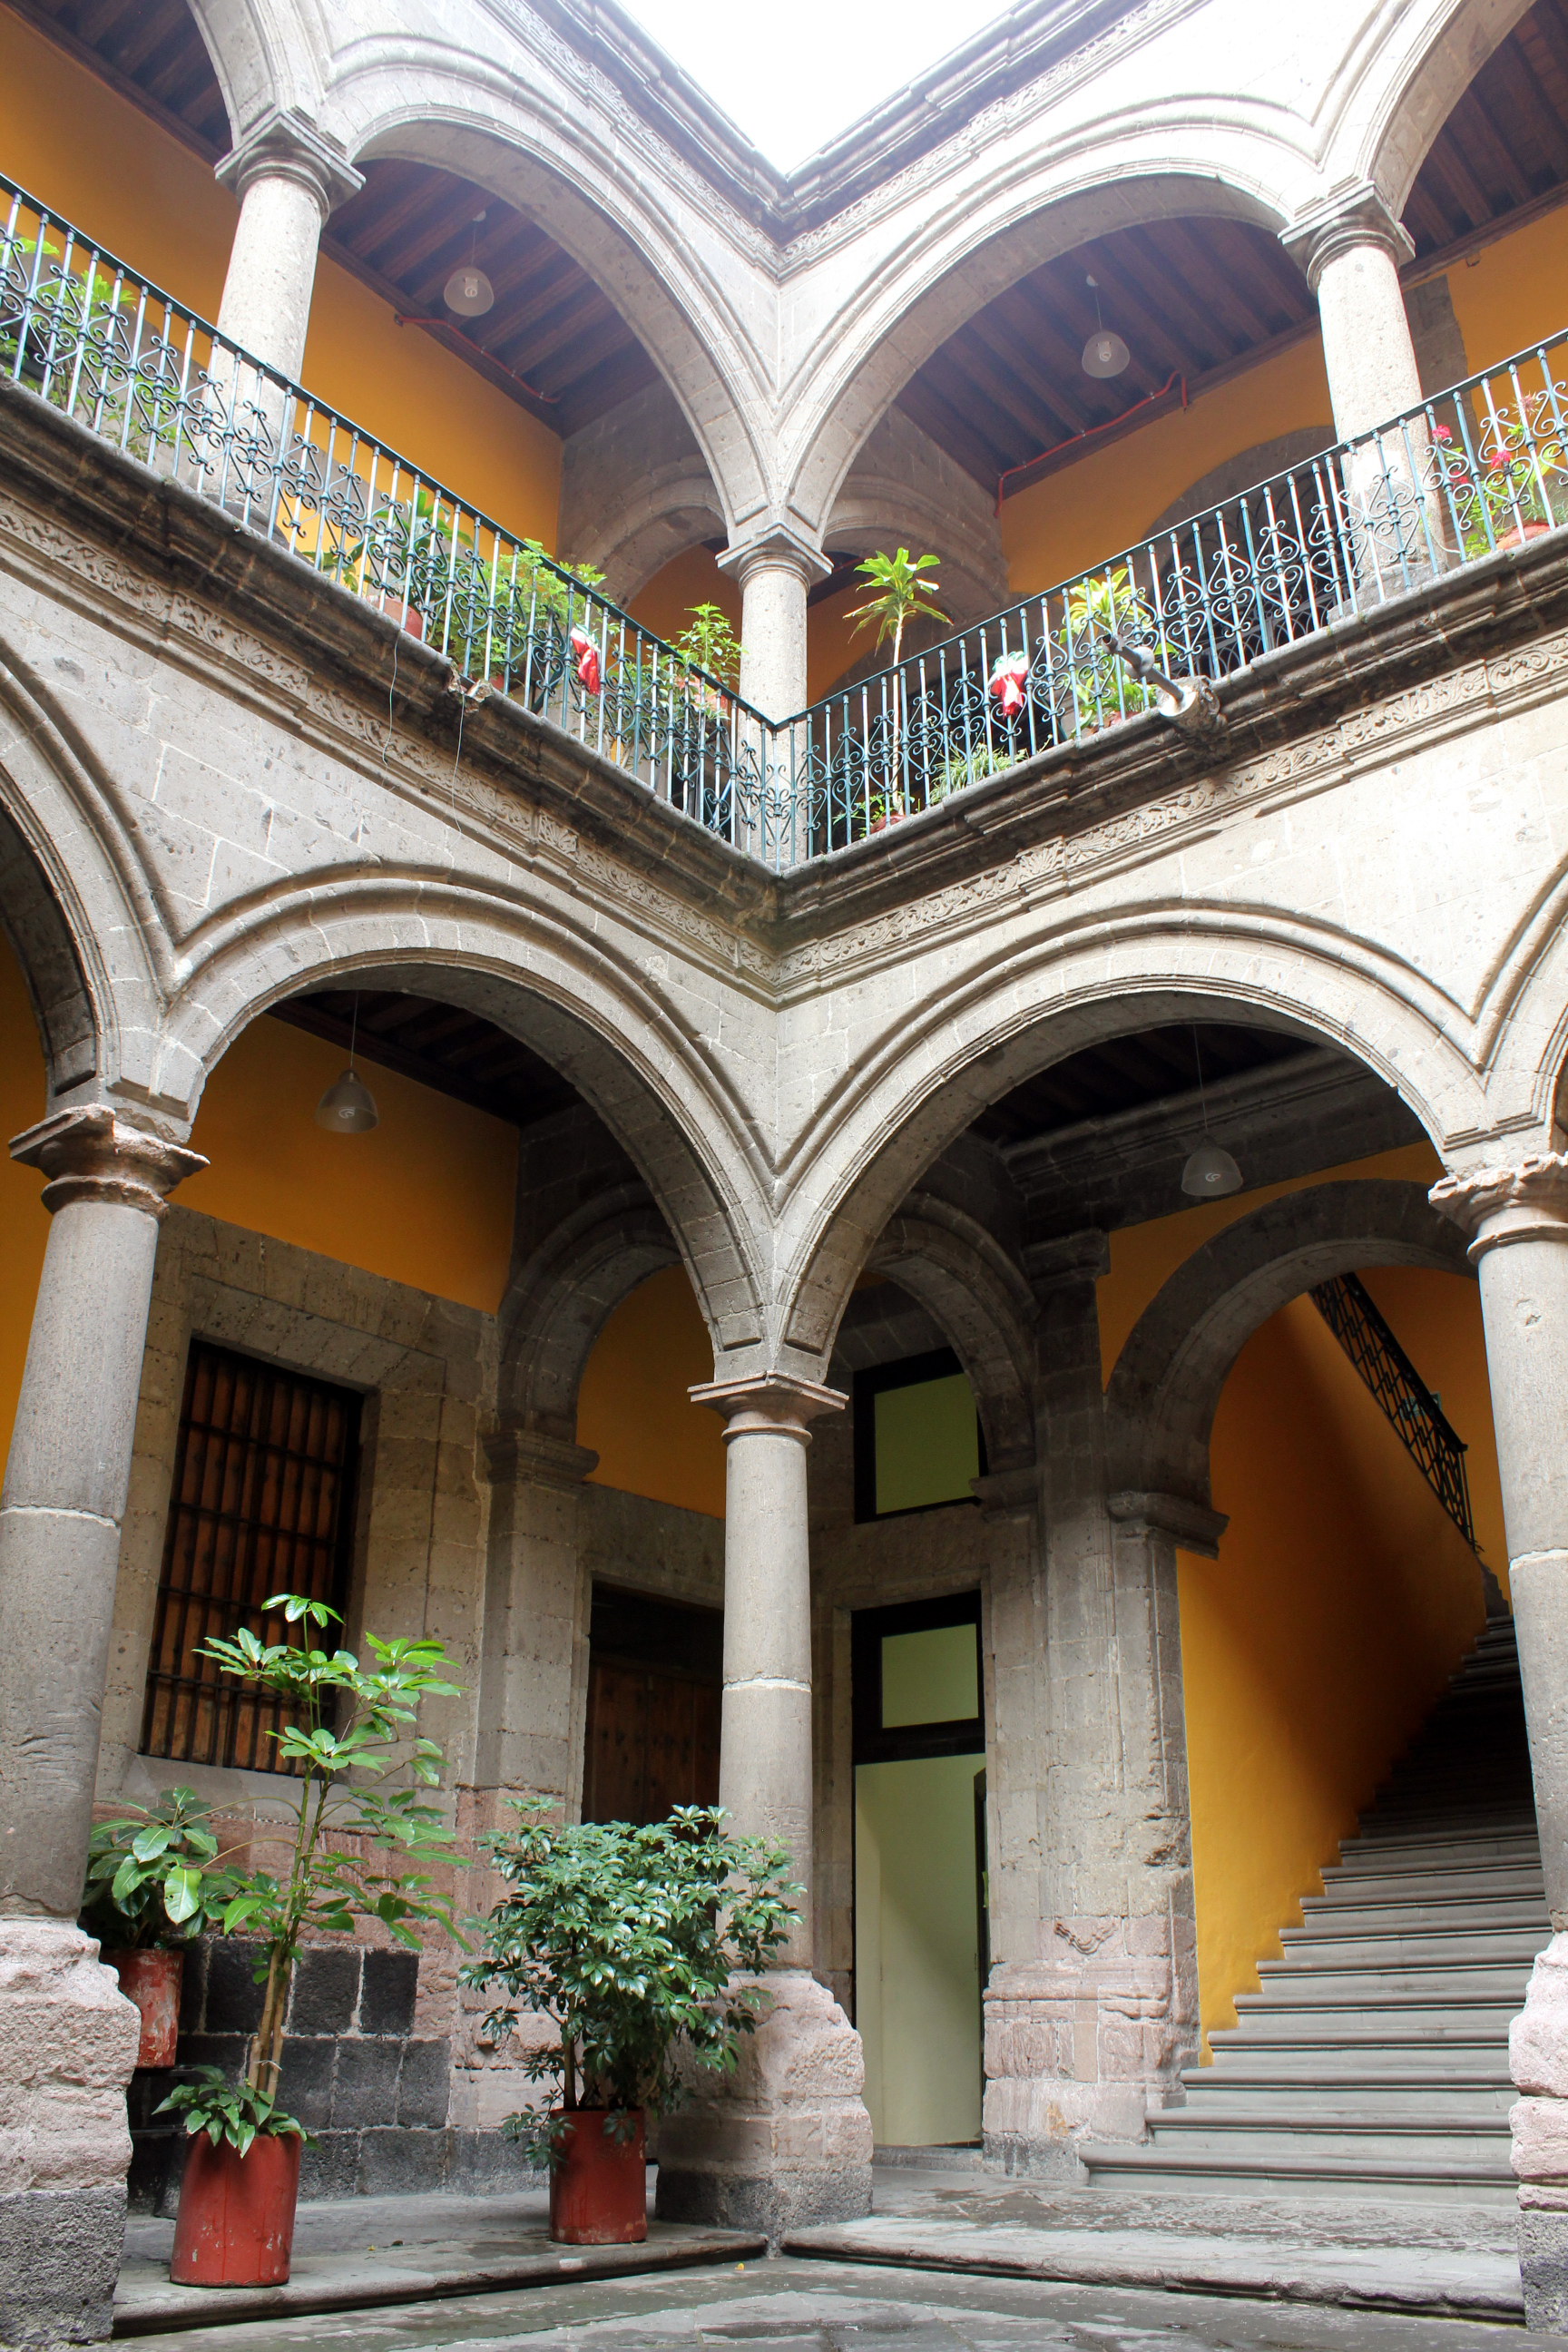 Decoracion De Casas Salones Peque Ef Bf Bdos Con Cimeneas Decorativas